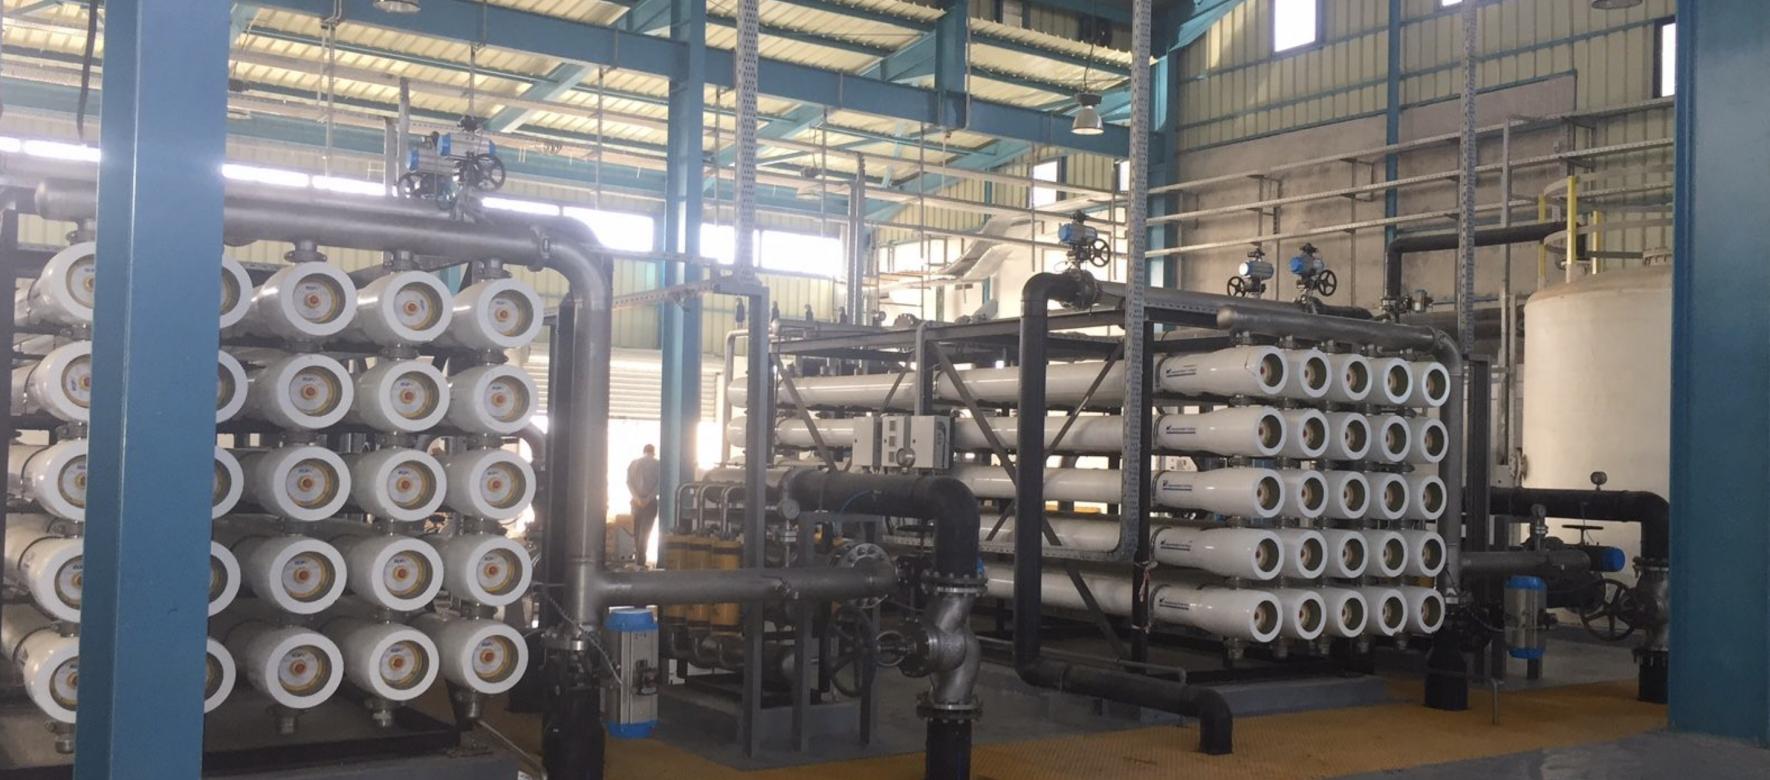 Palestine : L'Espagne va financer à hauteur de 1 million d'€ le projet d'usine de dessalement en eau pour 2 millions de Palestiniens 1